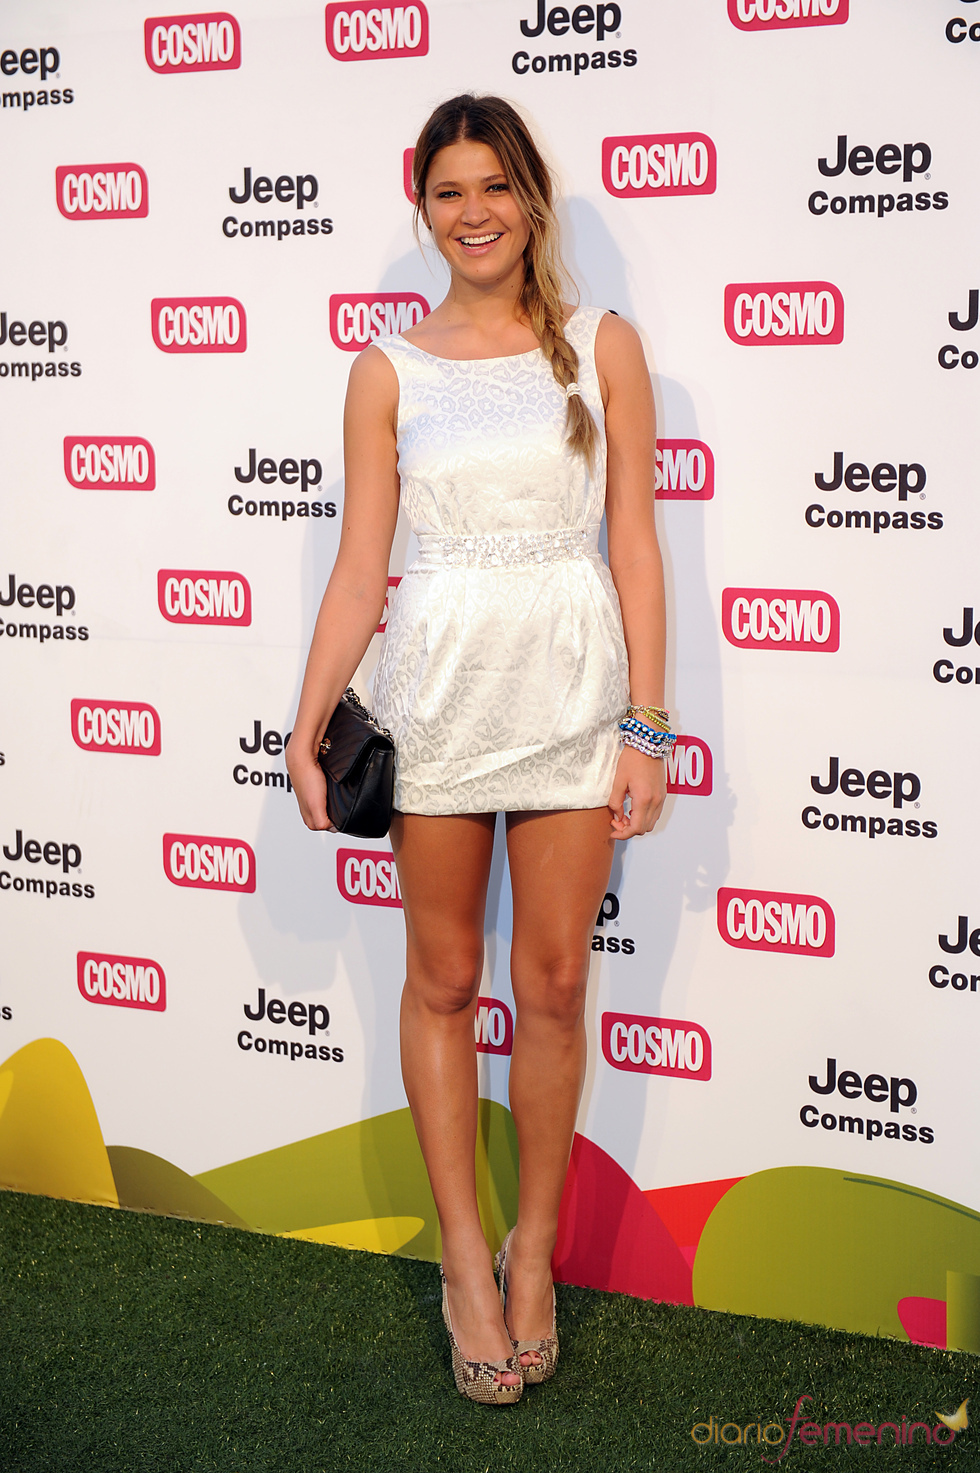 Carla Pereira en los Premios Pétalo de Cosmopólitan 2011